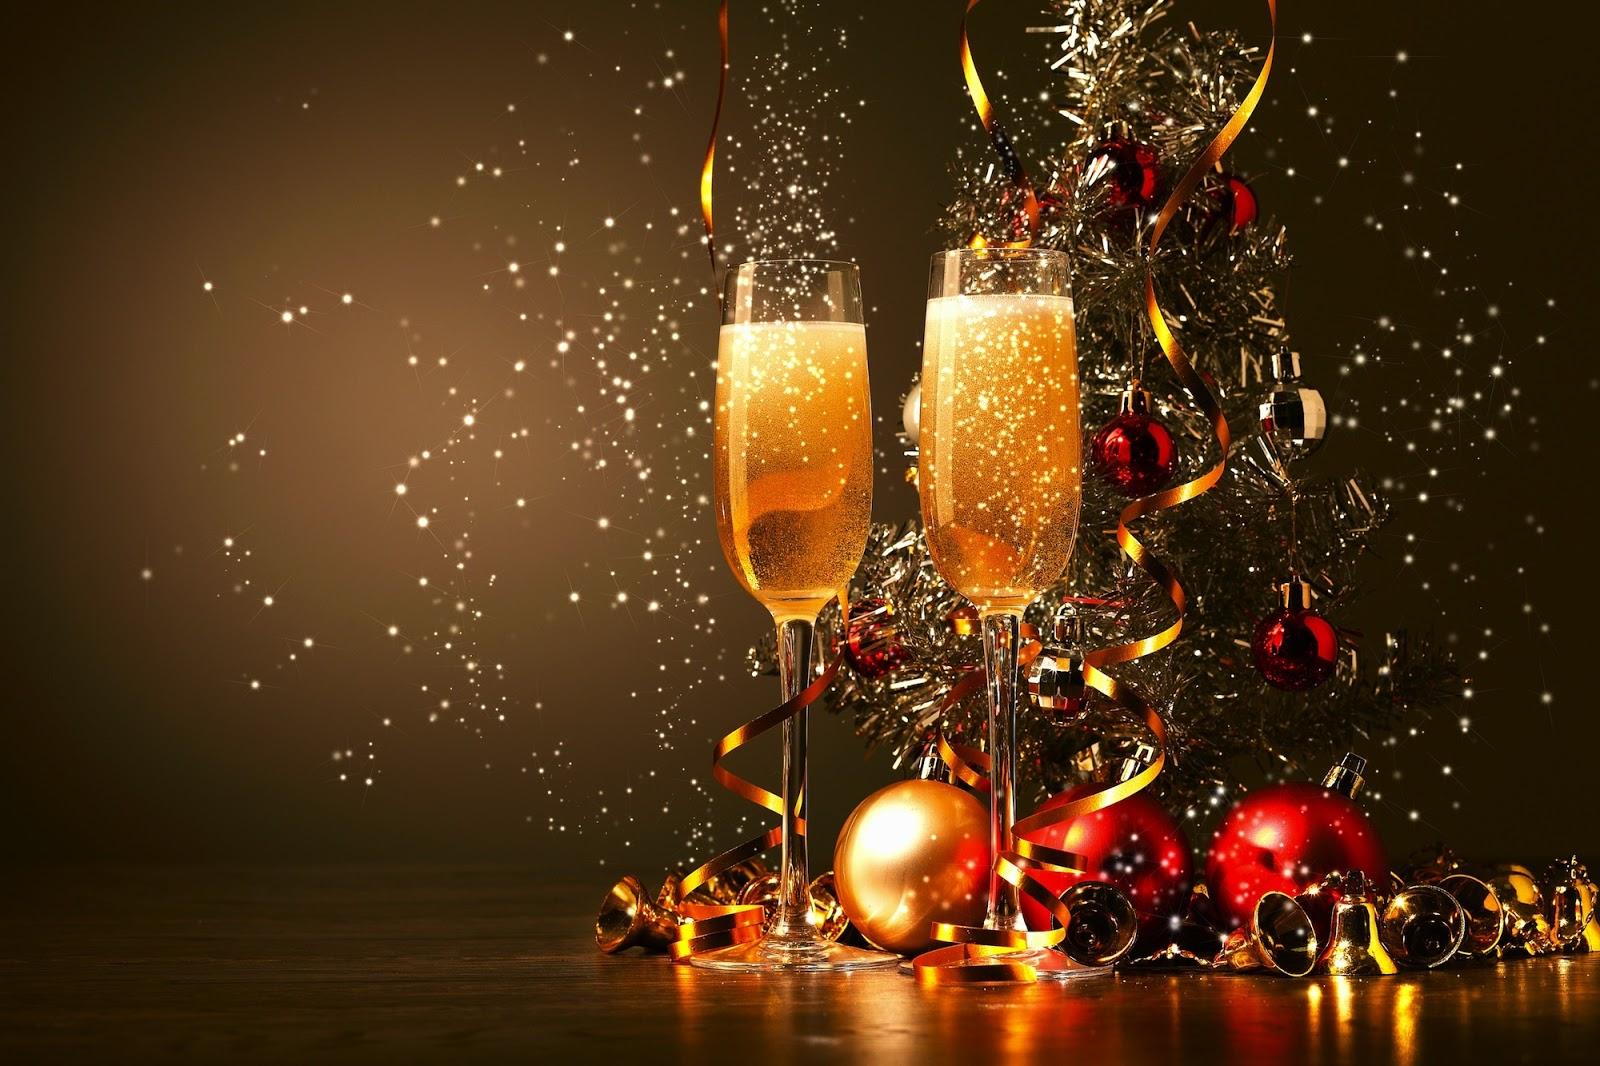 O ano termina e... nasce outra vez! - O Blog do Mestre aa0bd1dc13